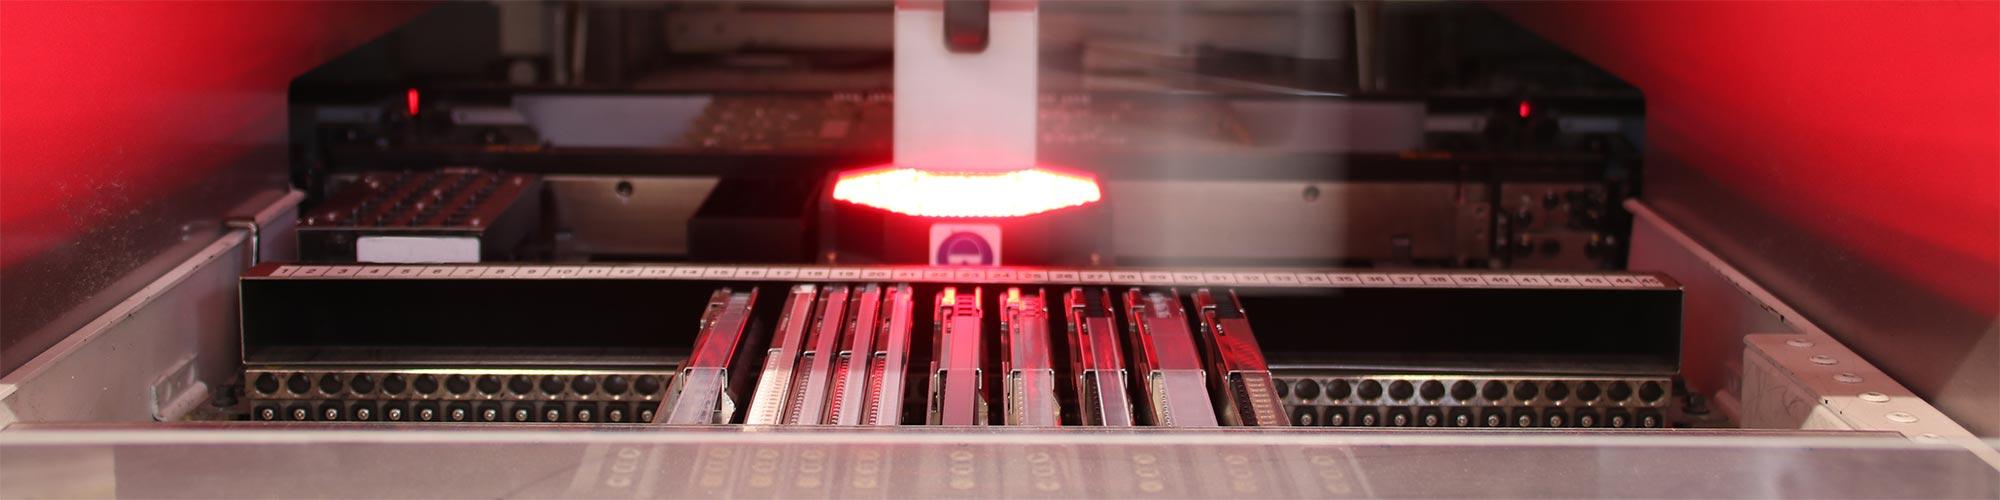 smd-service-fuchs-ansicht-in-maschine-mit-rotem-laser-produkte